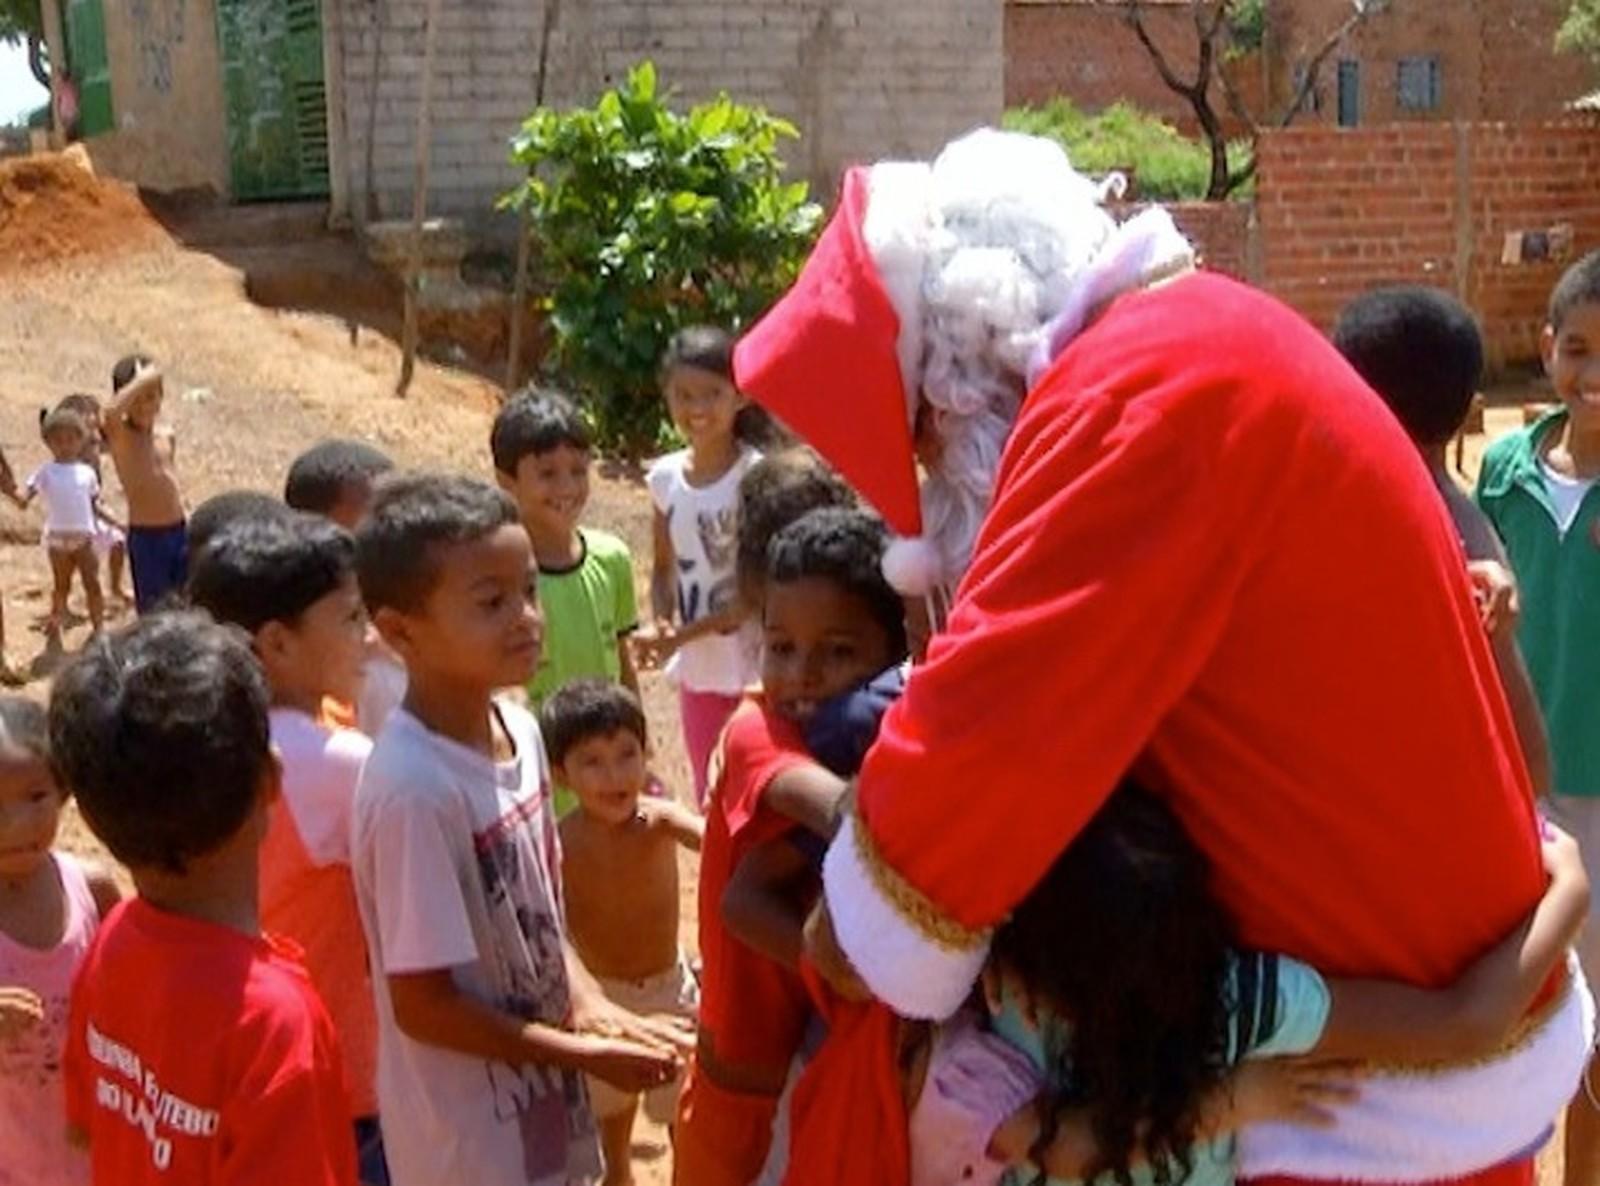 Campanha 'Natal Presente' arrecada brinquedos para crianças carentes de Palmas; saiba como doar - Notícias - Plantão Diário